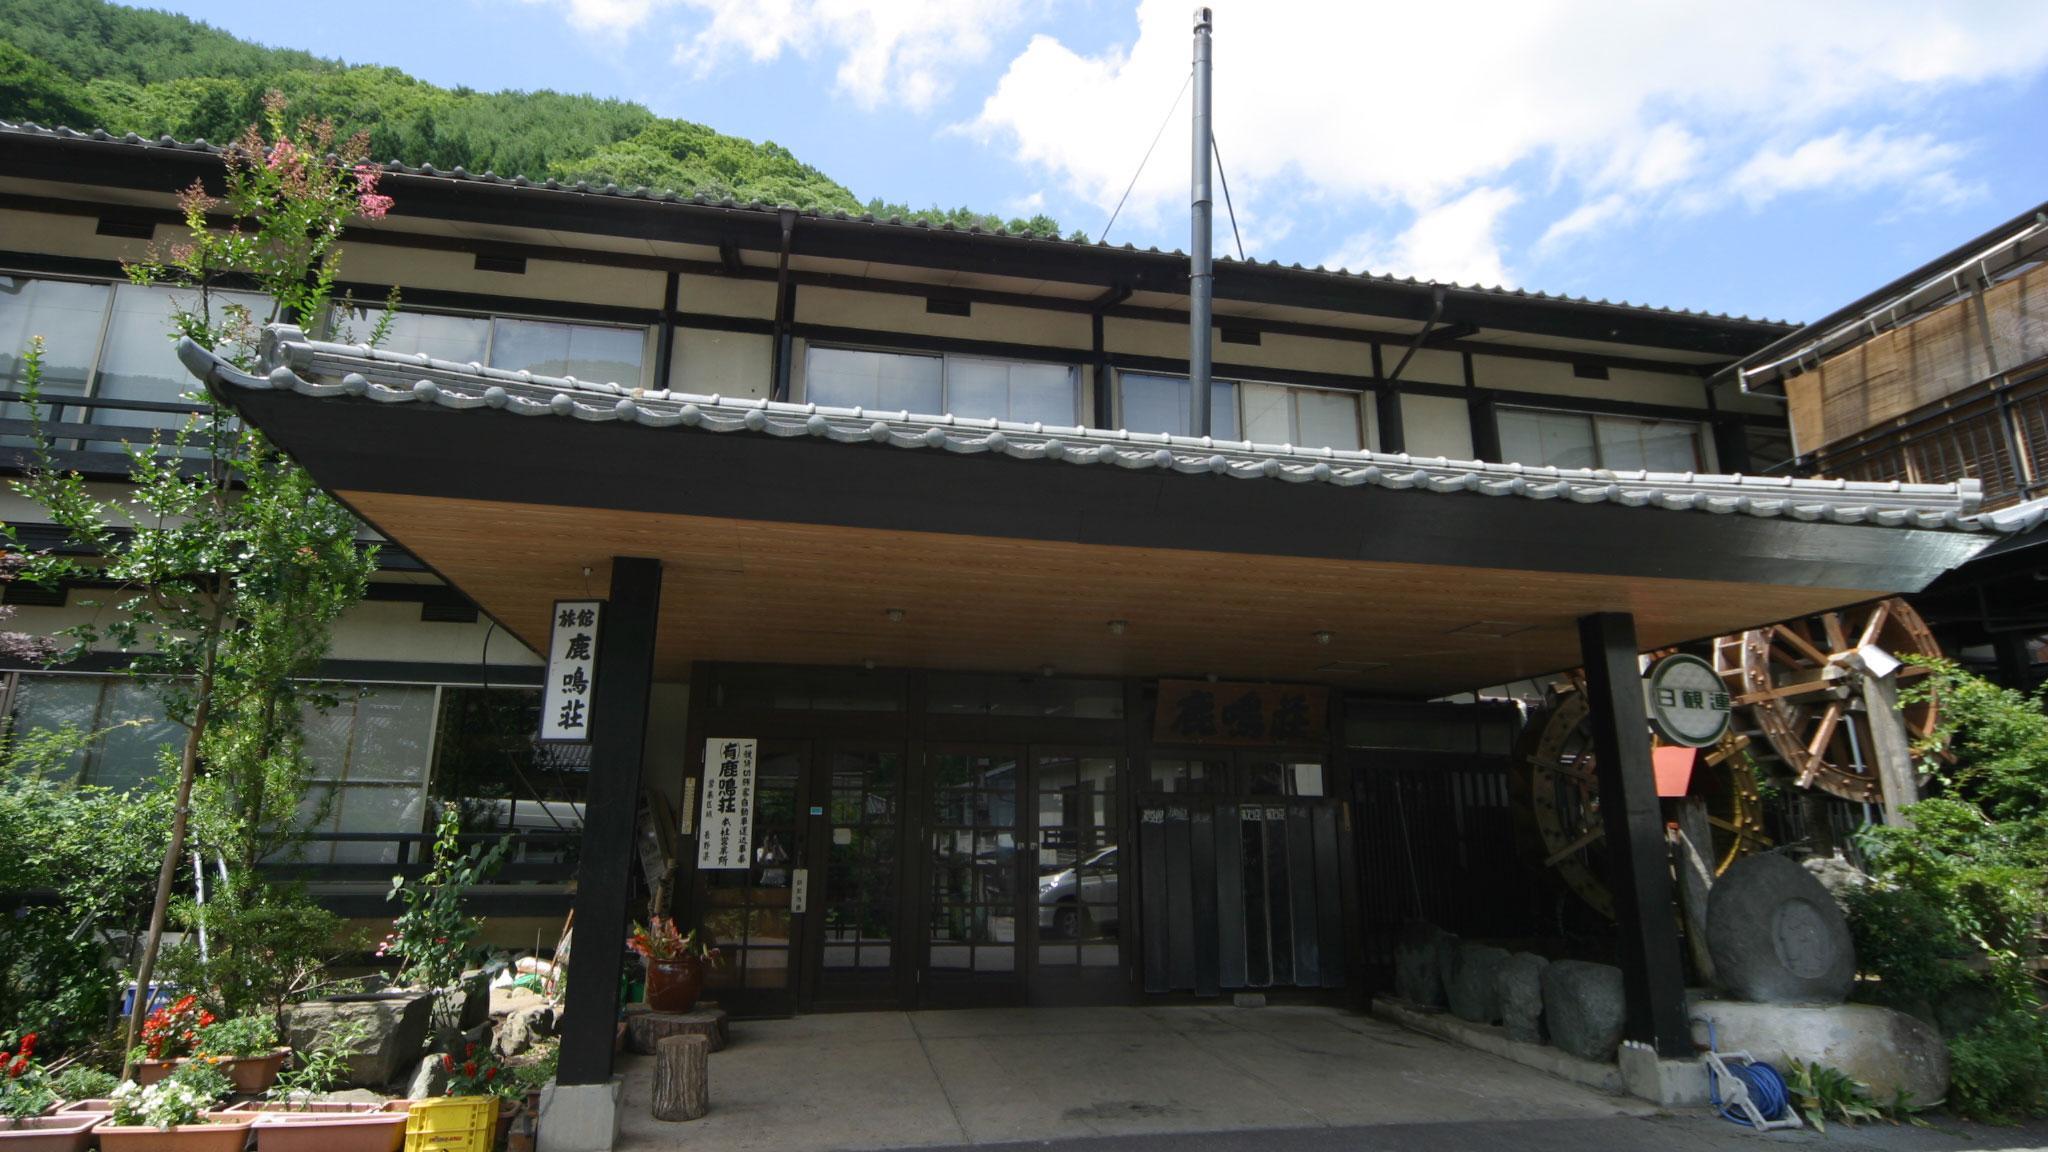 親戚一同で鹿教湯温泉に行きます。部屋食ができる温泉宿はありますか?